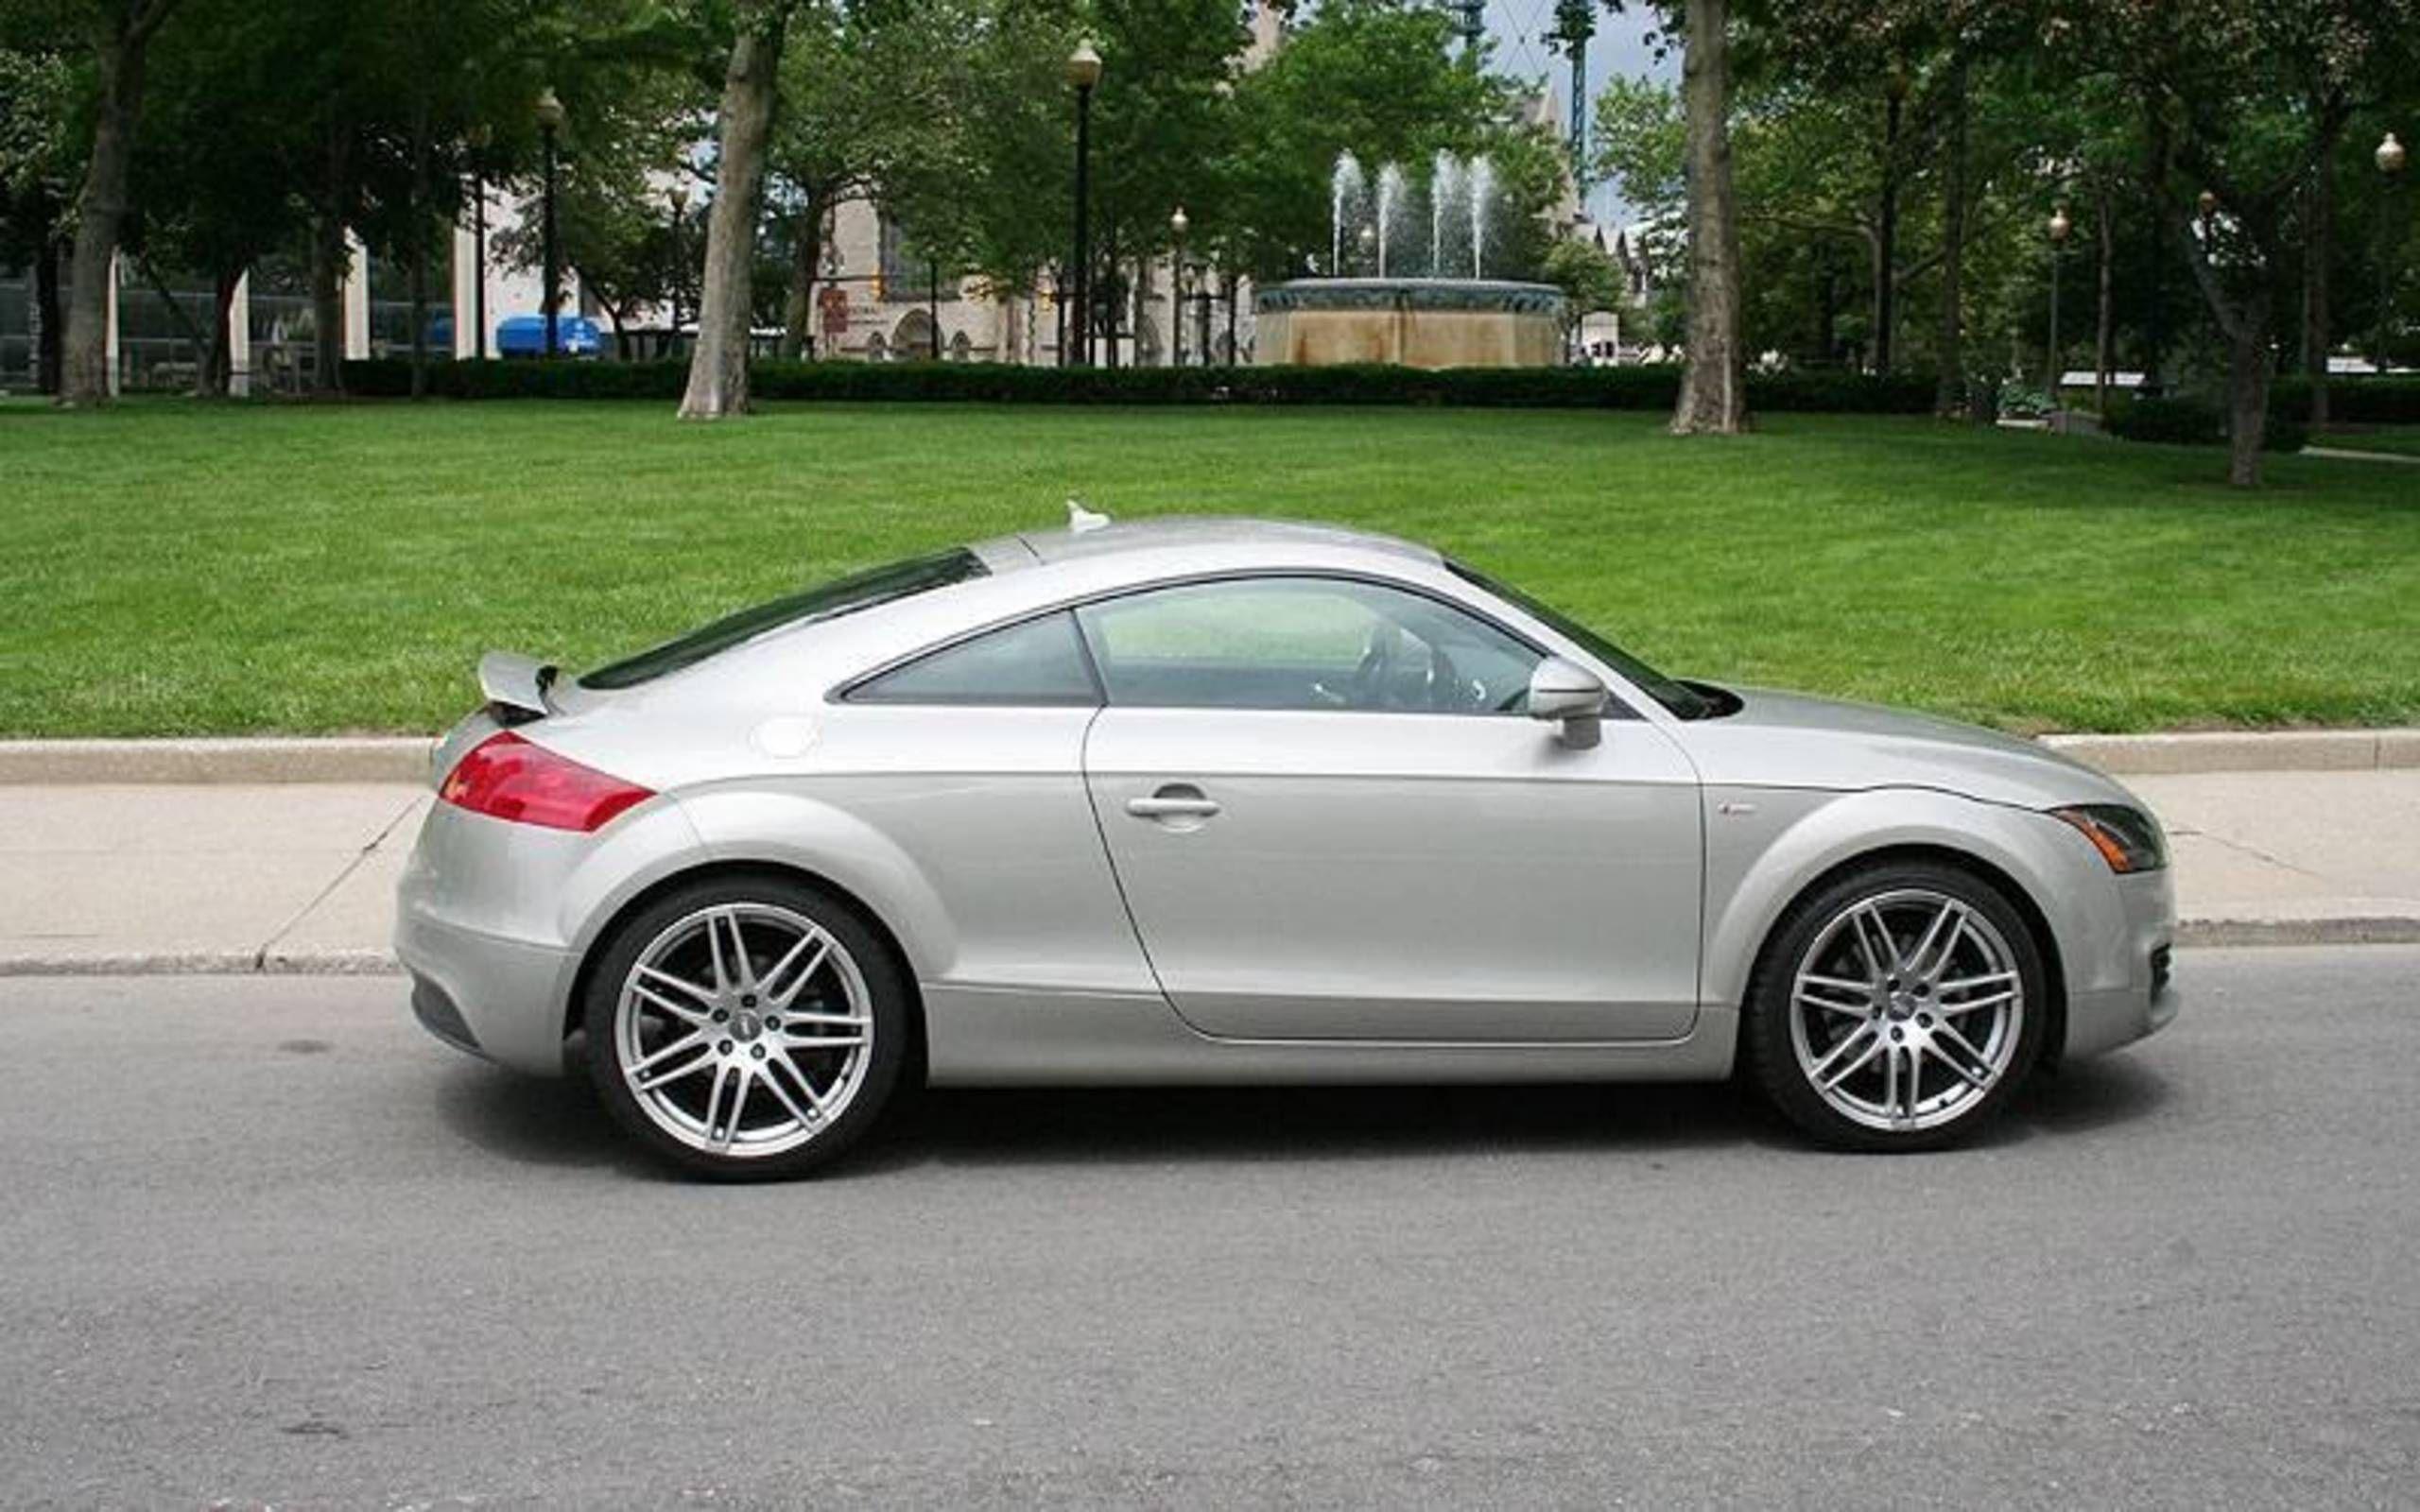 Kelebihan Kekurangan Audi Tt 2008 Harga